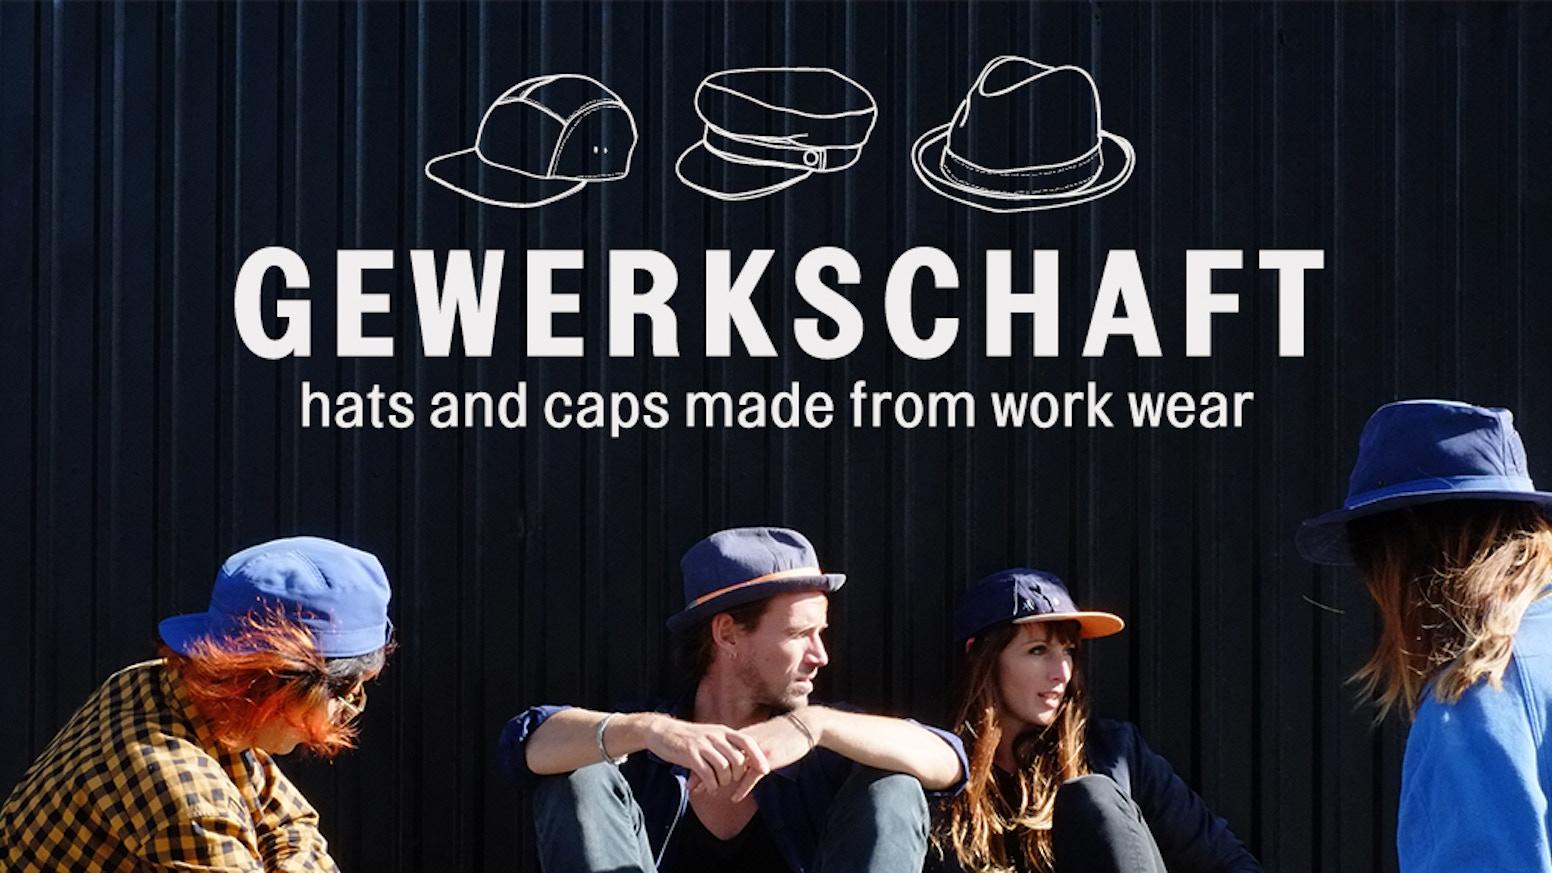 Nicht einfach nur stylische Caps sondern die wohl nachhaltigste Headwear der Welt.